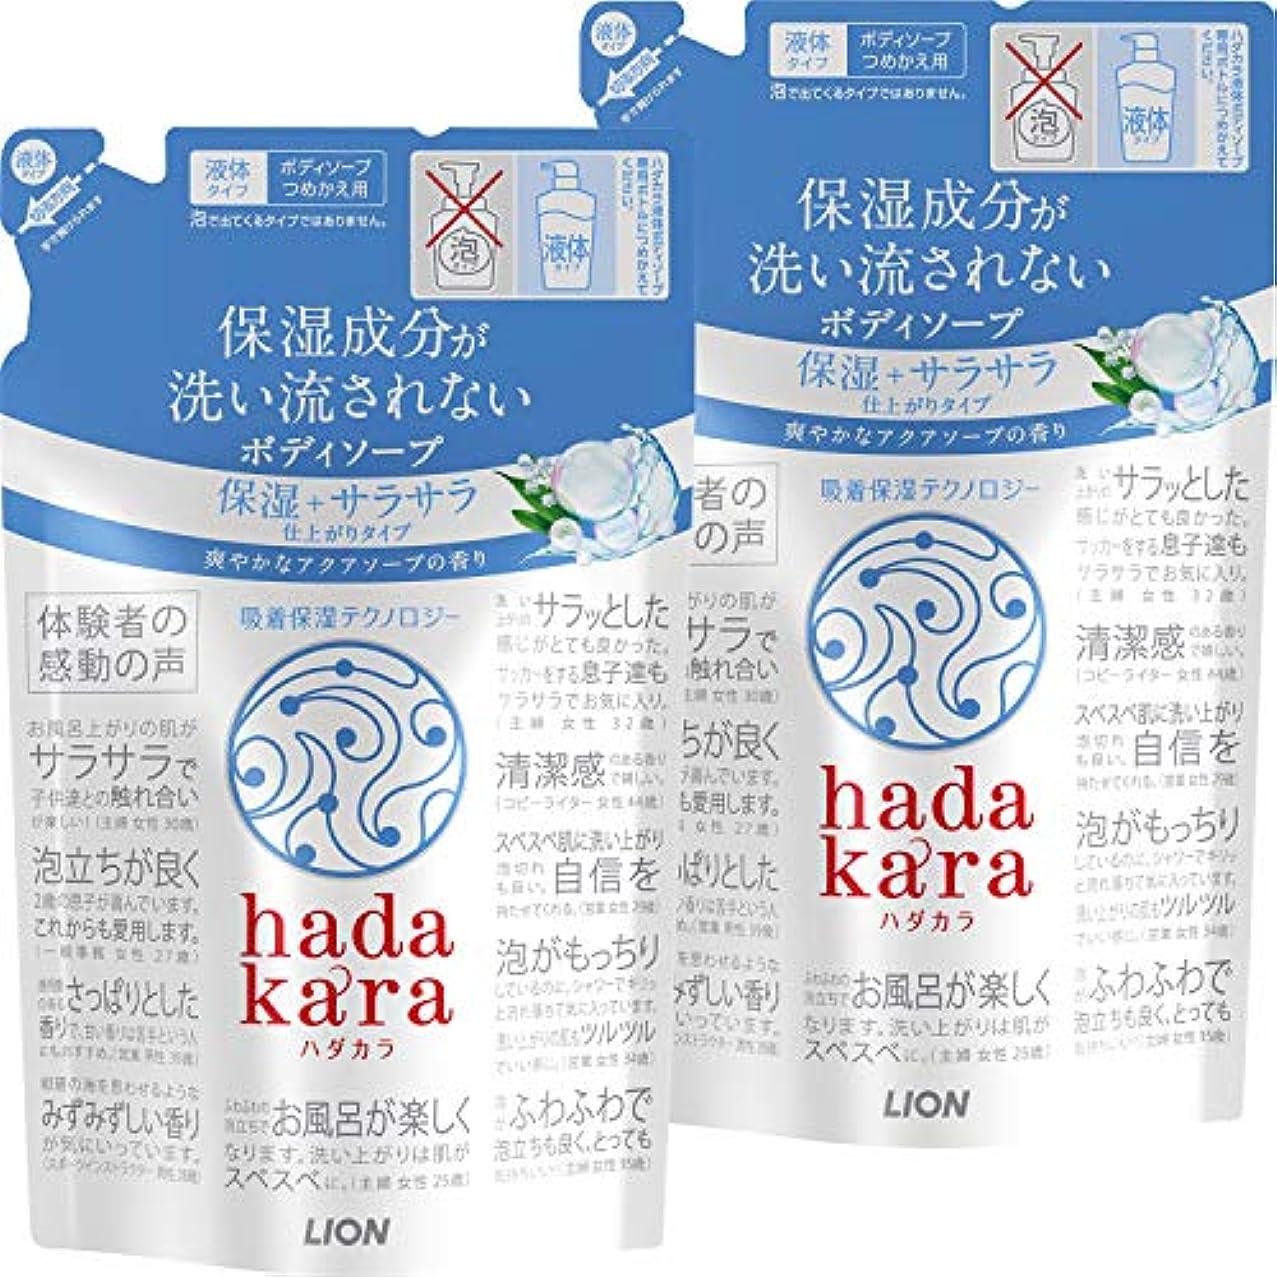 シンポジウム等しい有能な【まとめ買い】hadakara(ハダカラ) ボディソープ 保湿+サラサラ仕上がりタイプ アクアソープの香り 詰め替え 340ml×2個パック